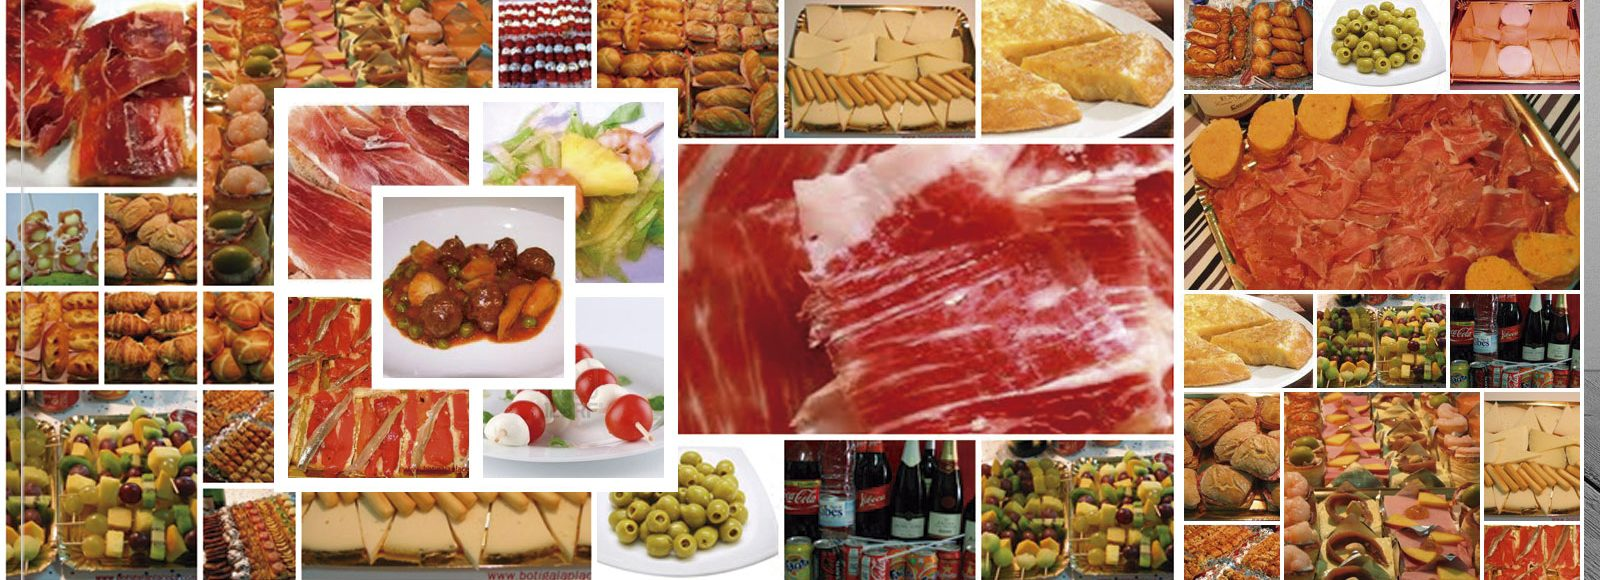 catering la placeta Mataró